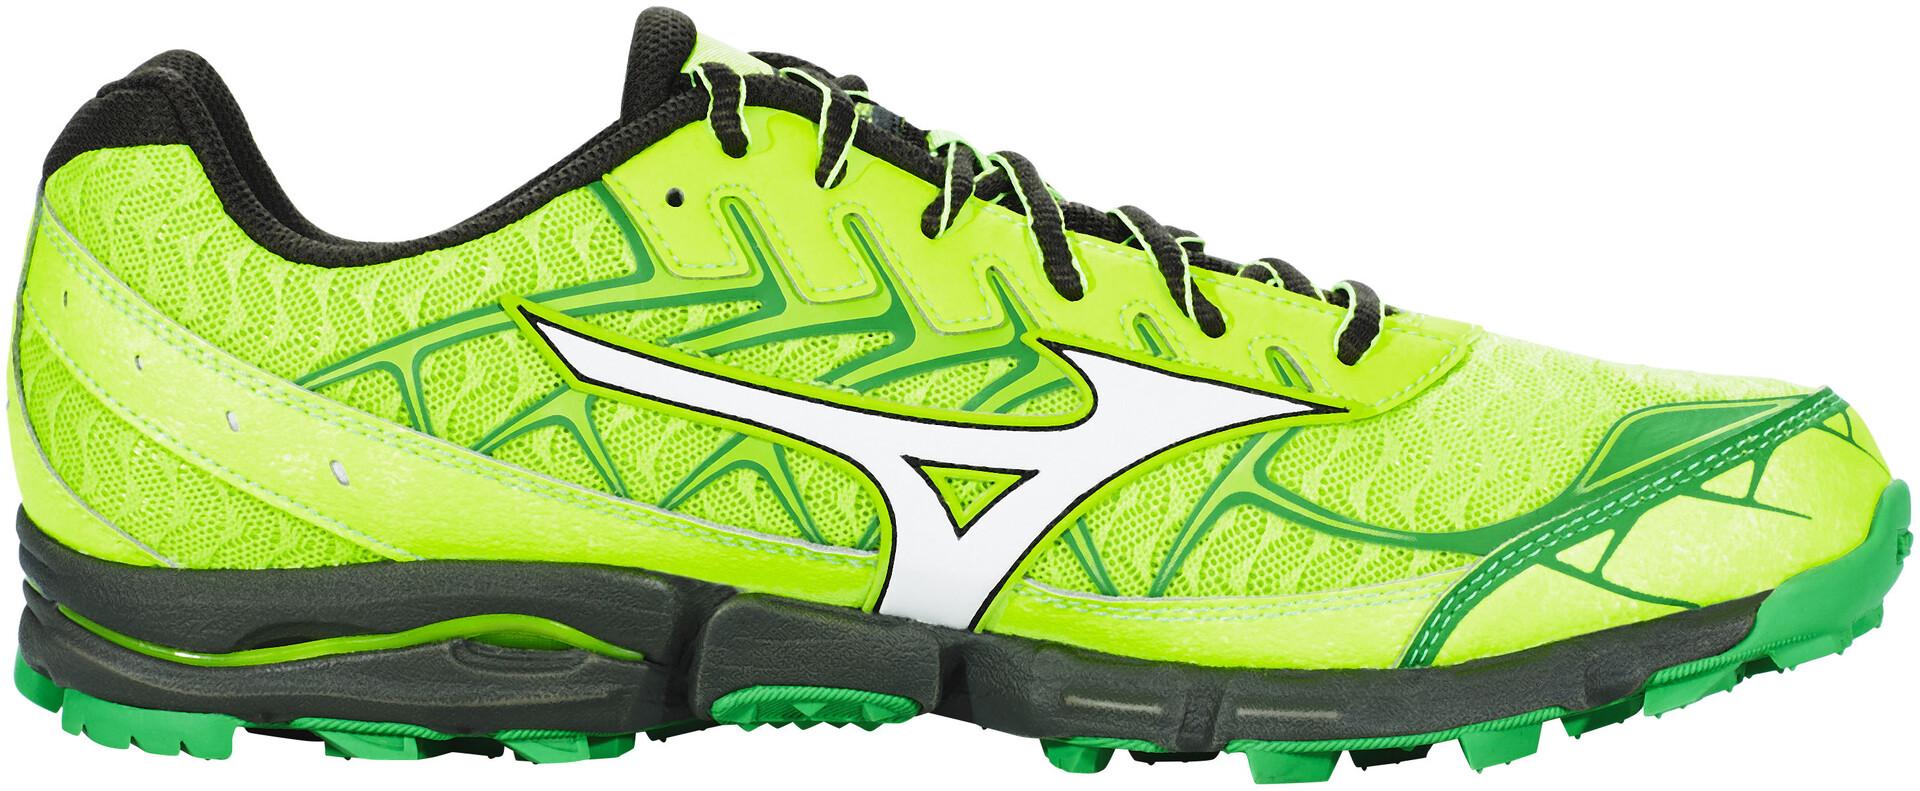 Sur Running Wave Hayate Vert 4 Mizuno Campz Chaussures Homme 0vTZqxwU